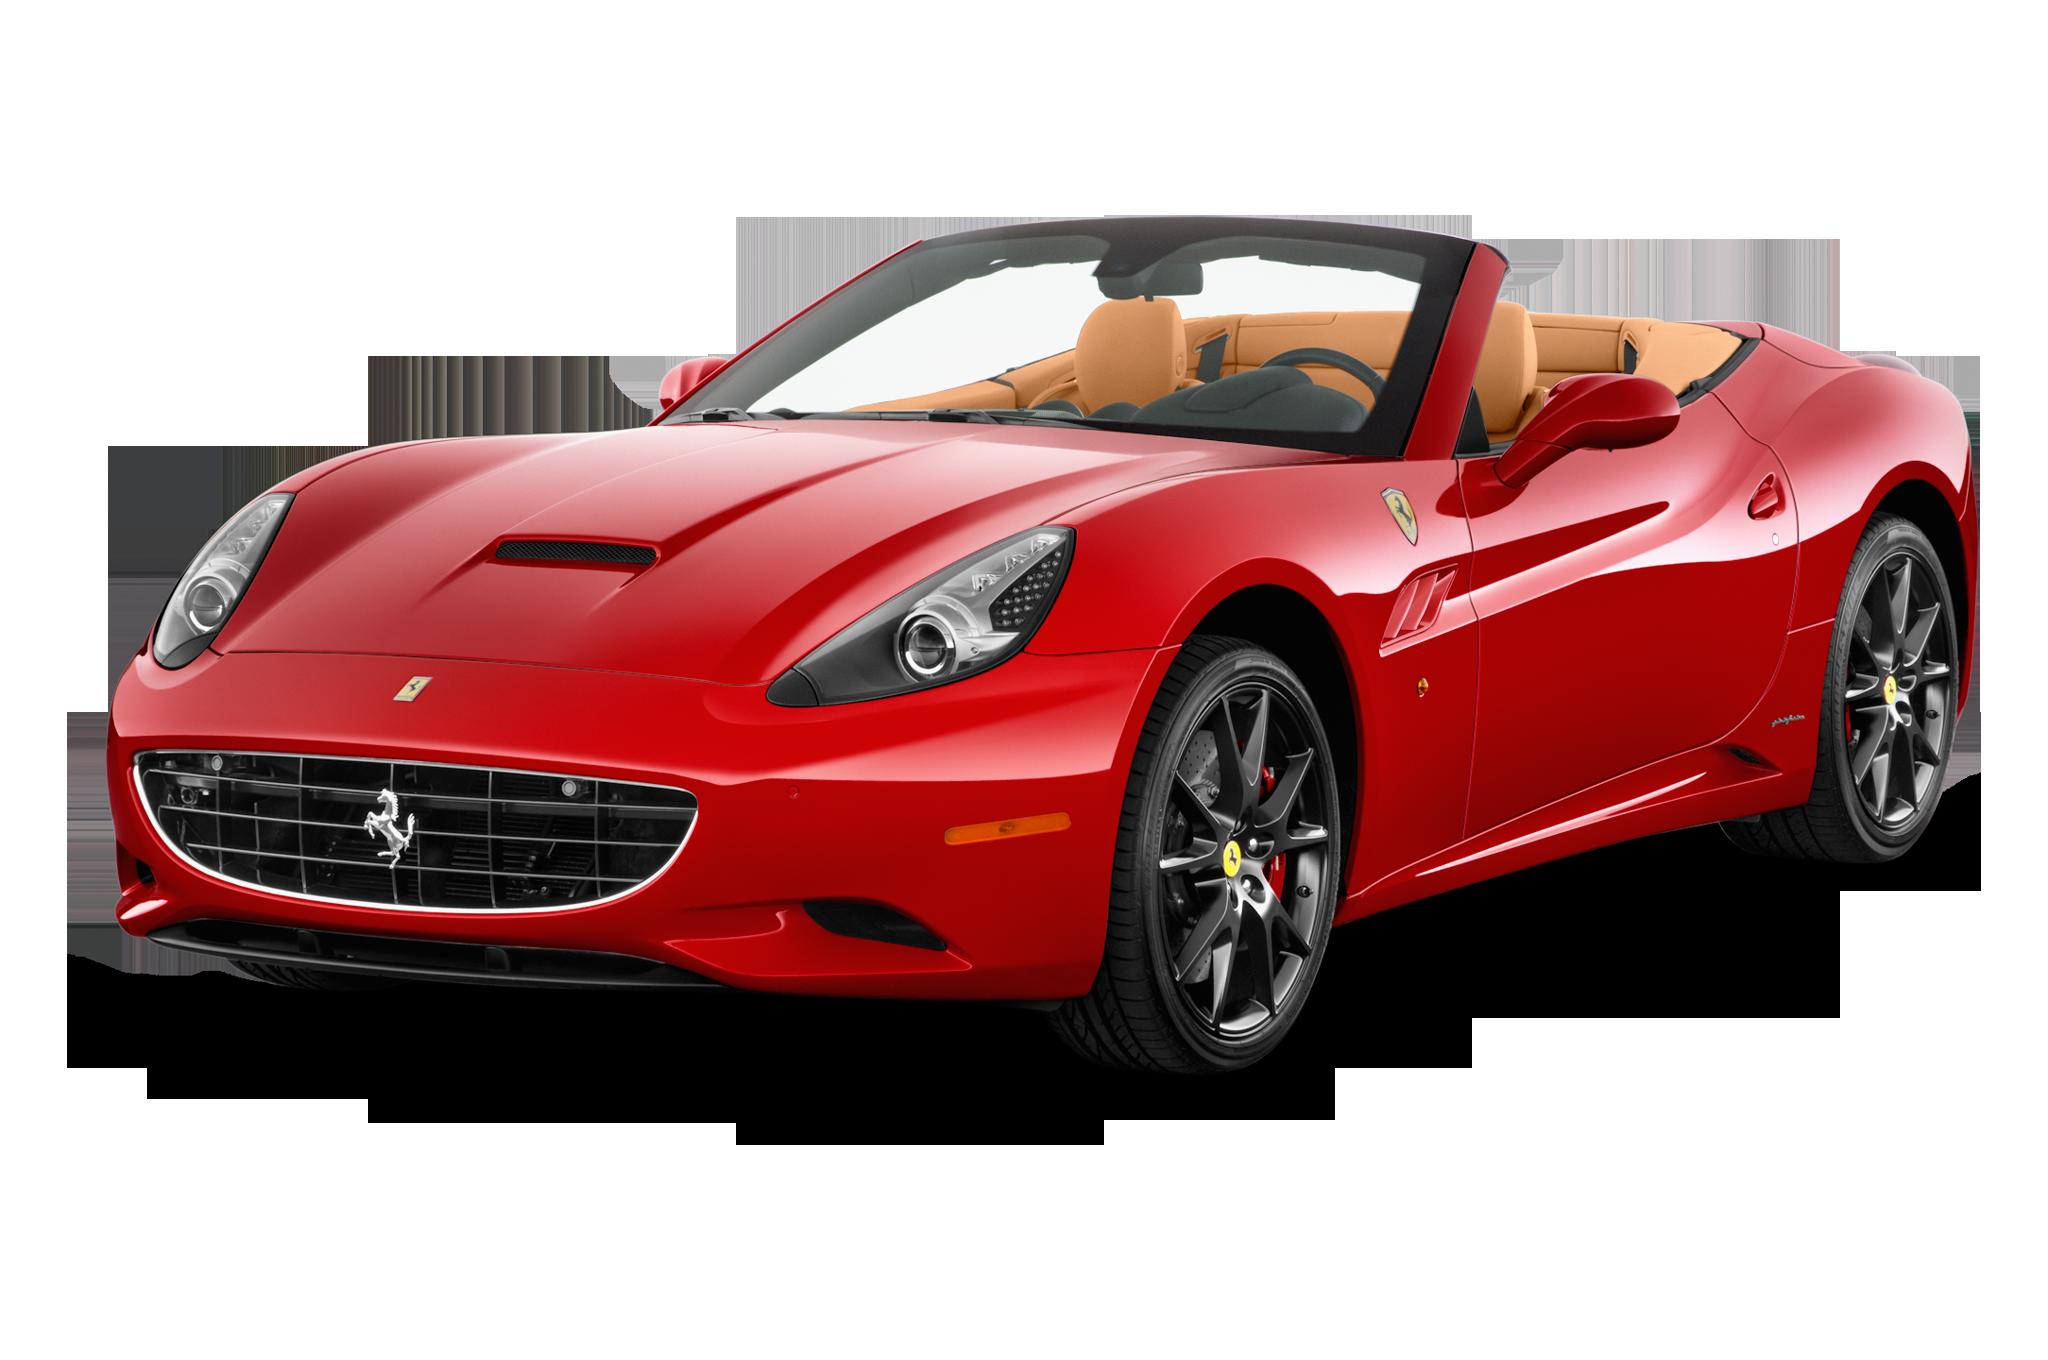 Revamped Ferrari California To Debut At 2012 Geneva Motor Show